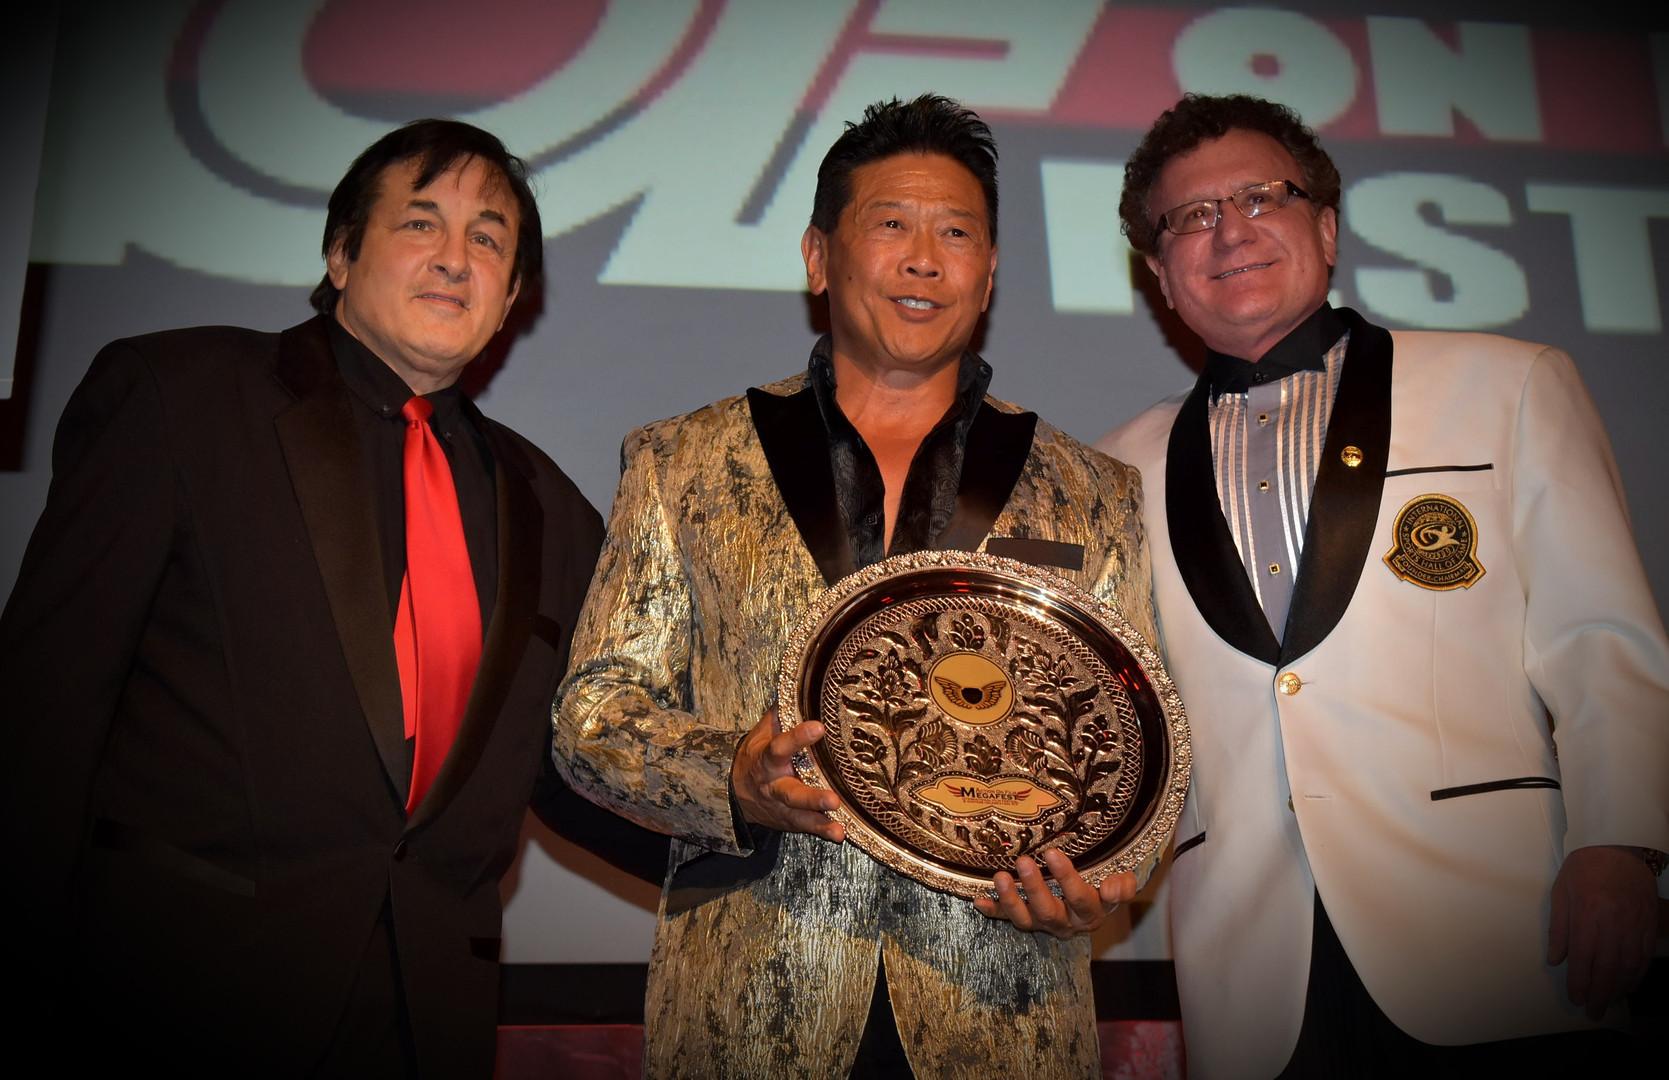 DePasquale jr, Mok and Robert Goldman